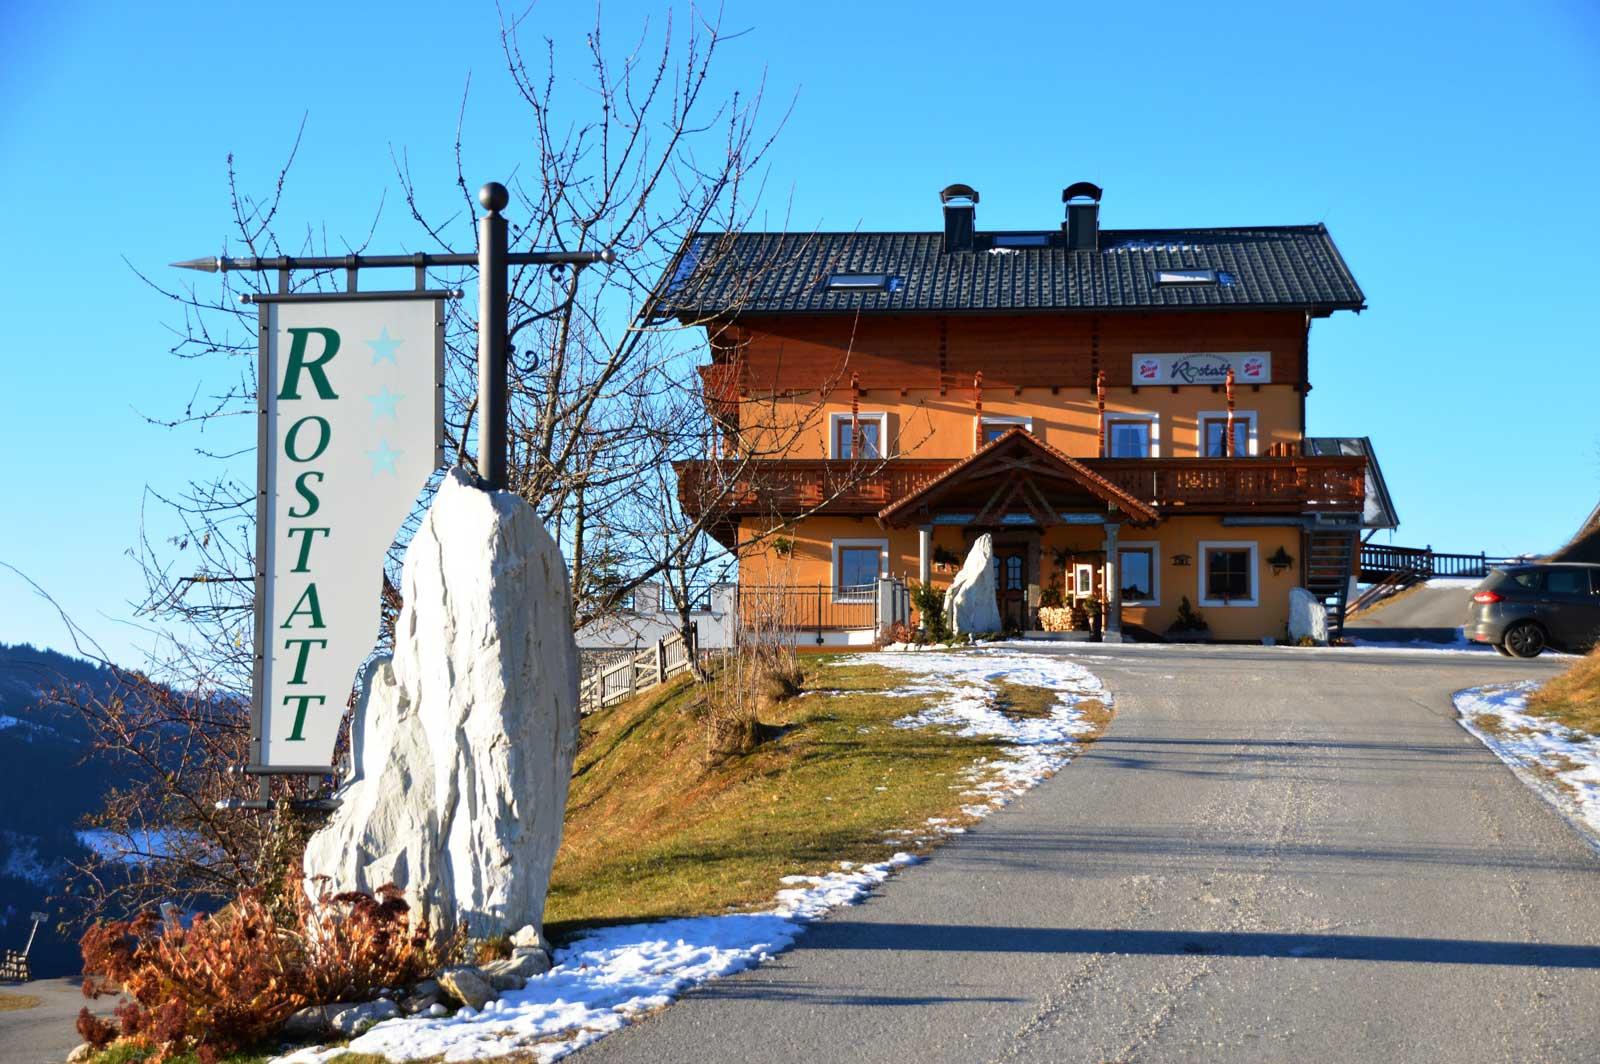 Zufahrt zum Hof - Heu-Milch-Kalb aus Rostatt